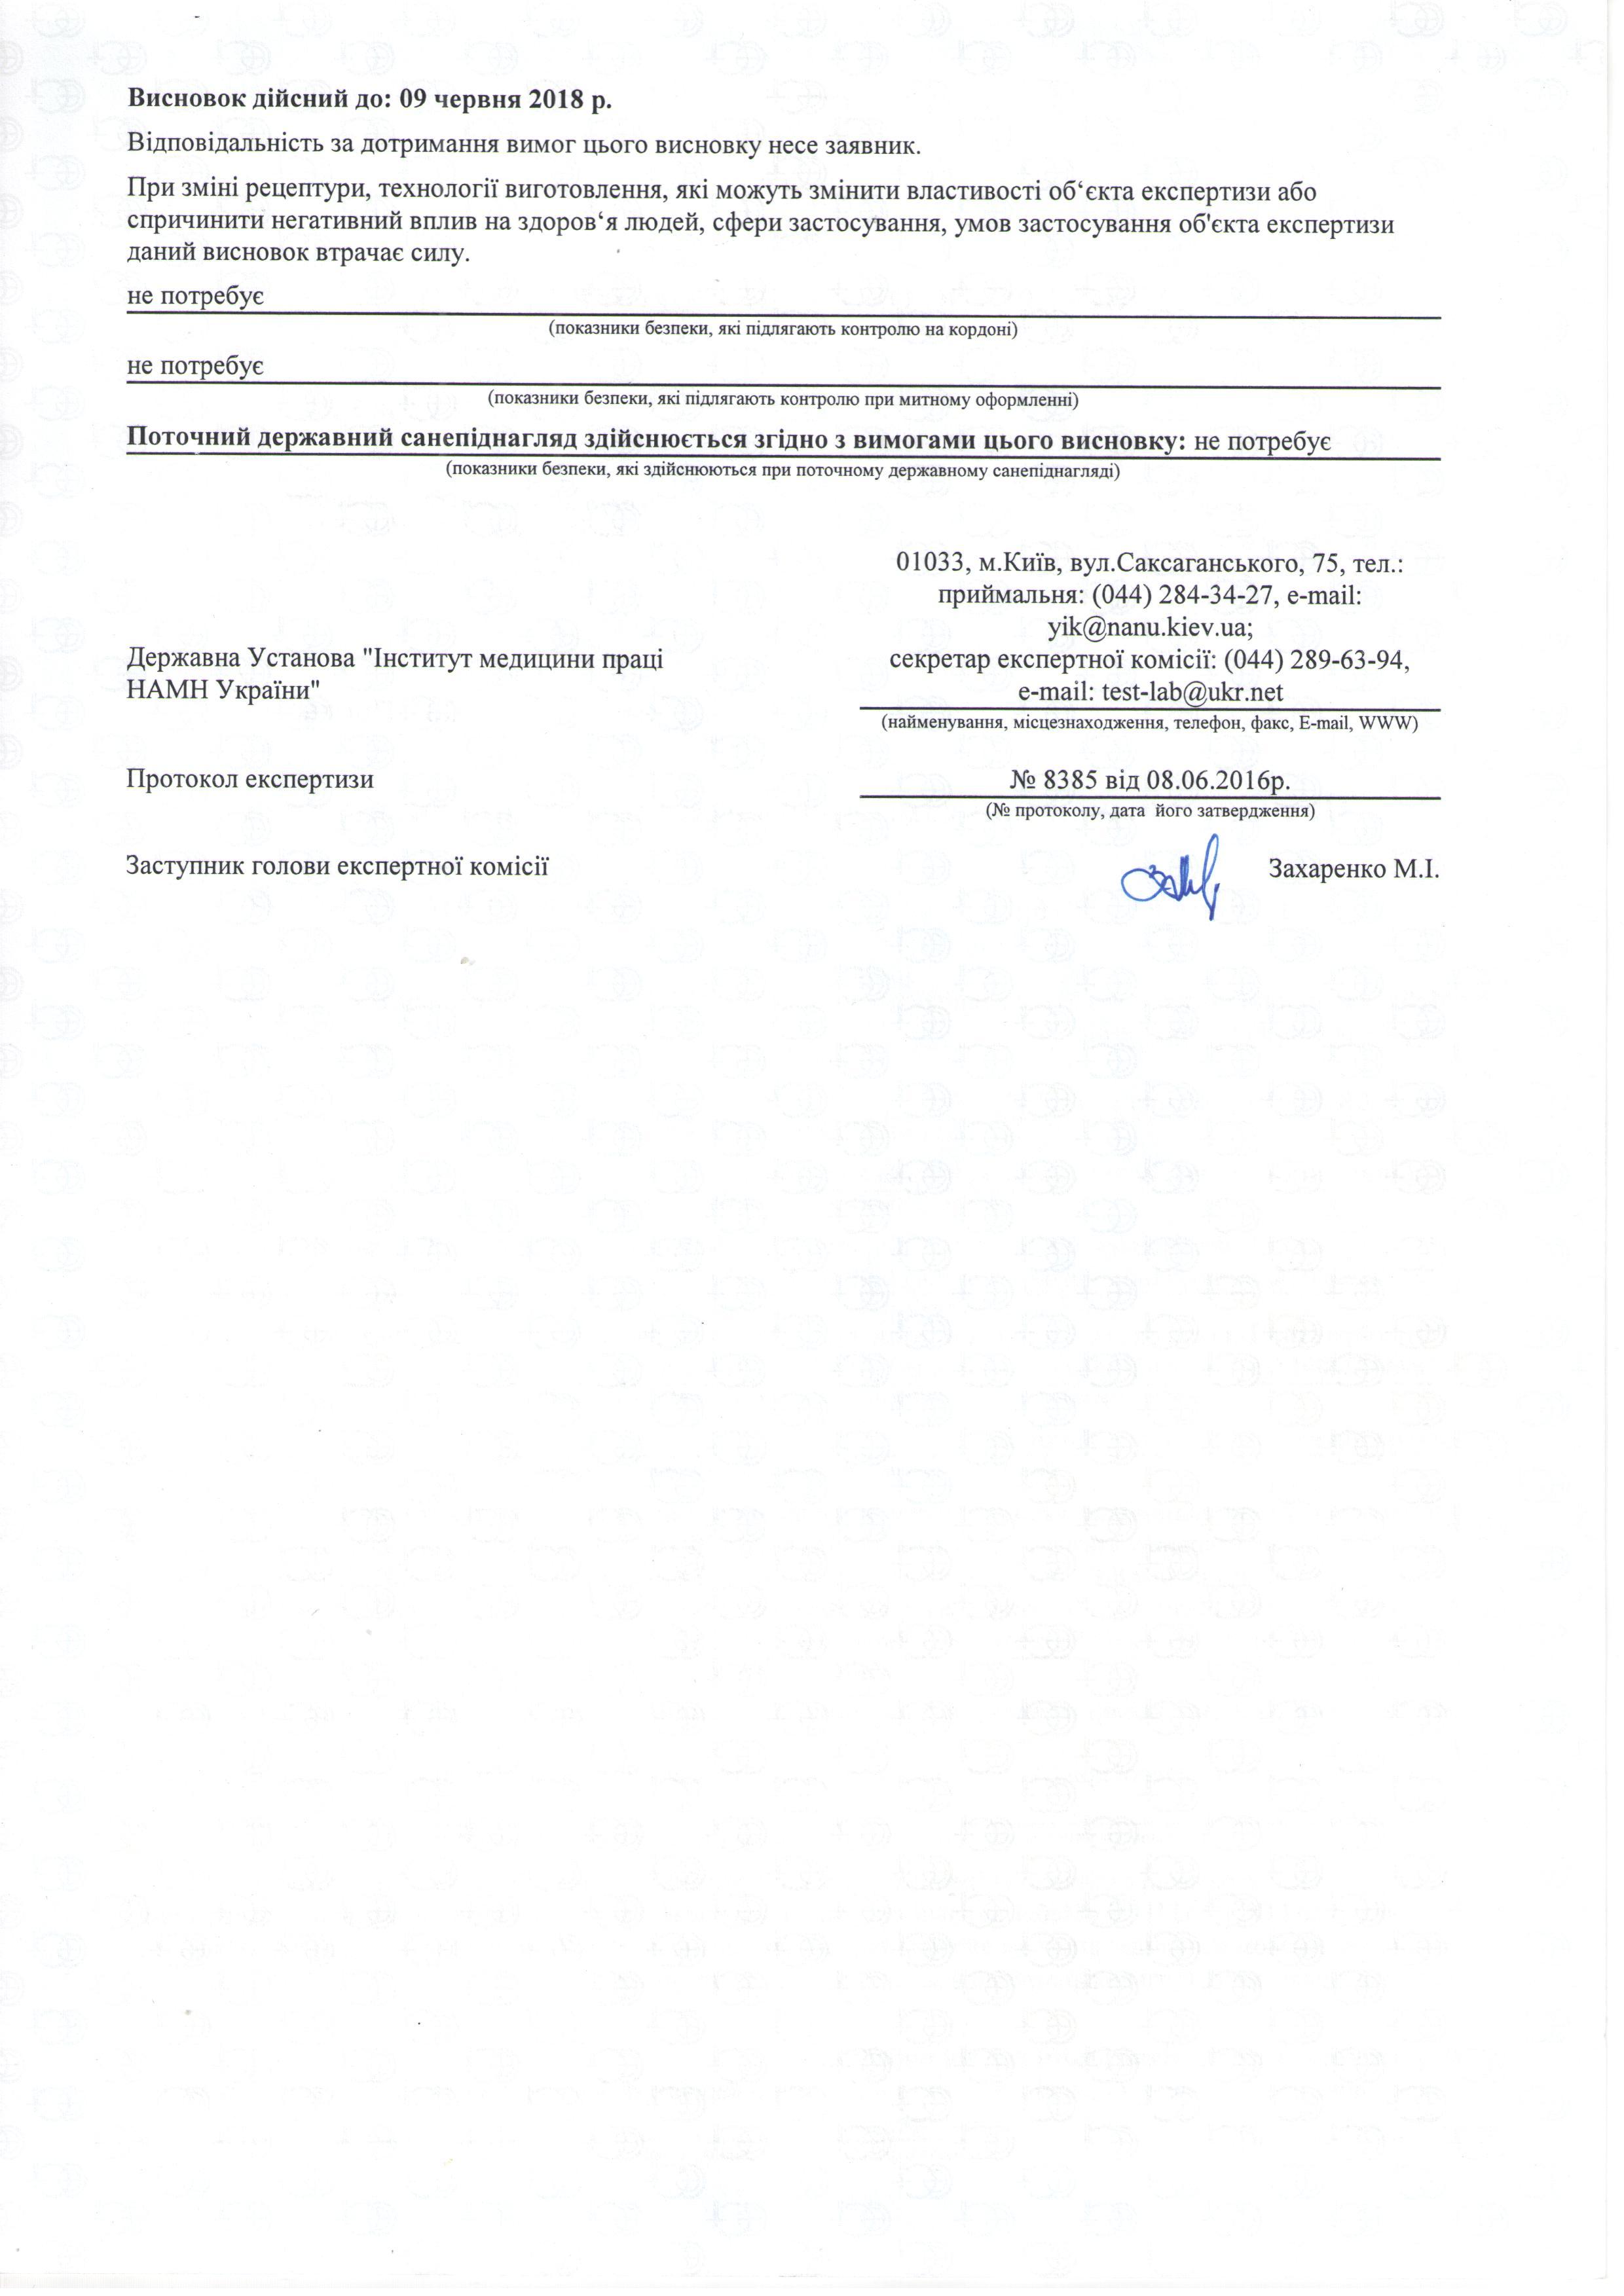 Дополнение 2 к санитарно-эпидемиологическому заключению